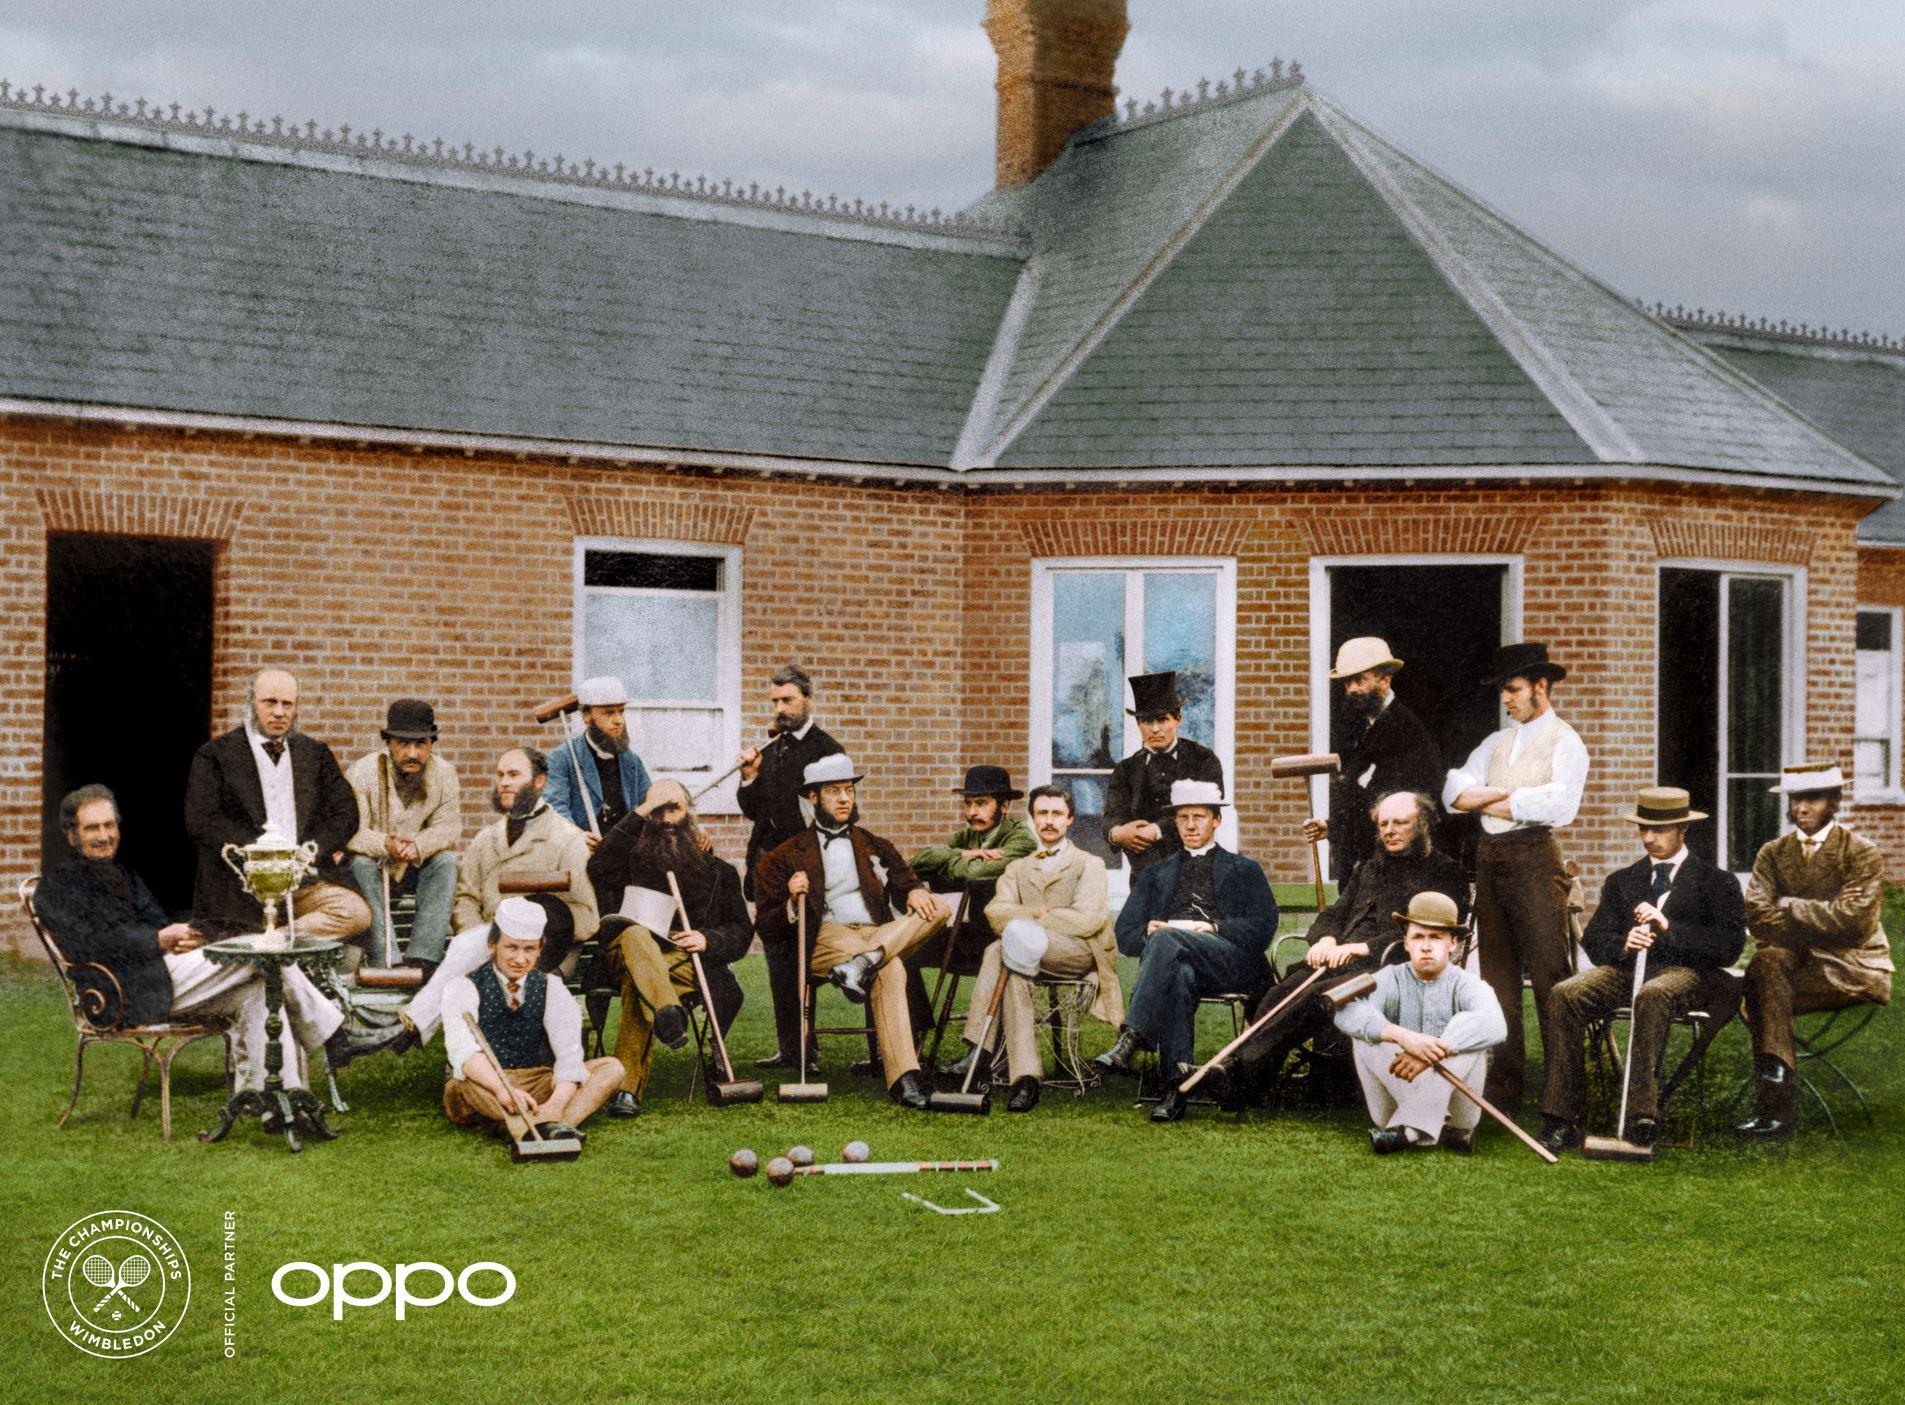 OPPO mette il colore alle foto iconiche di Wimbledon